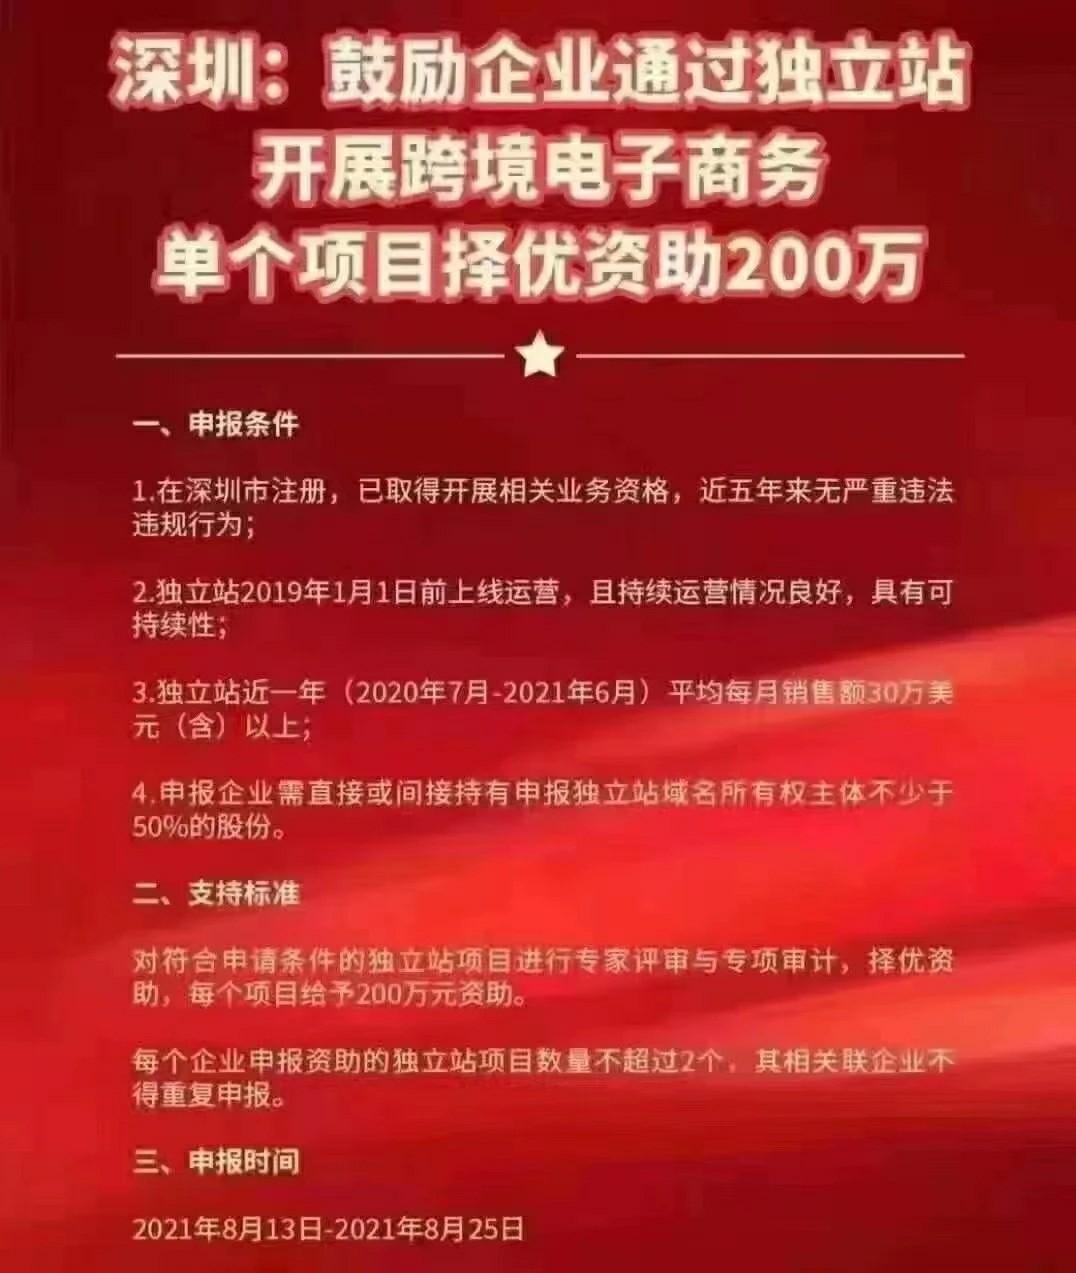 深圳鼓励独立站卖家最高补贴200w!| 坐实!